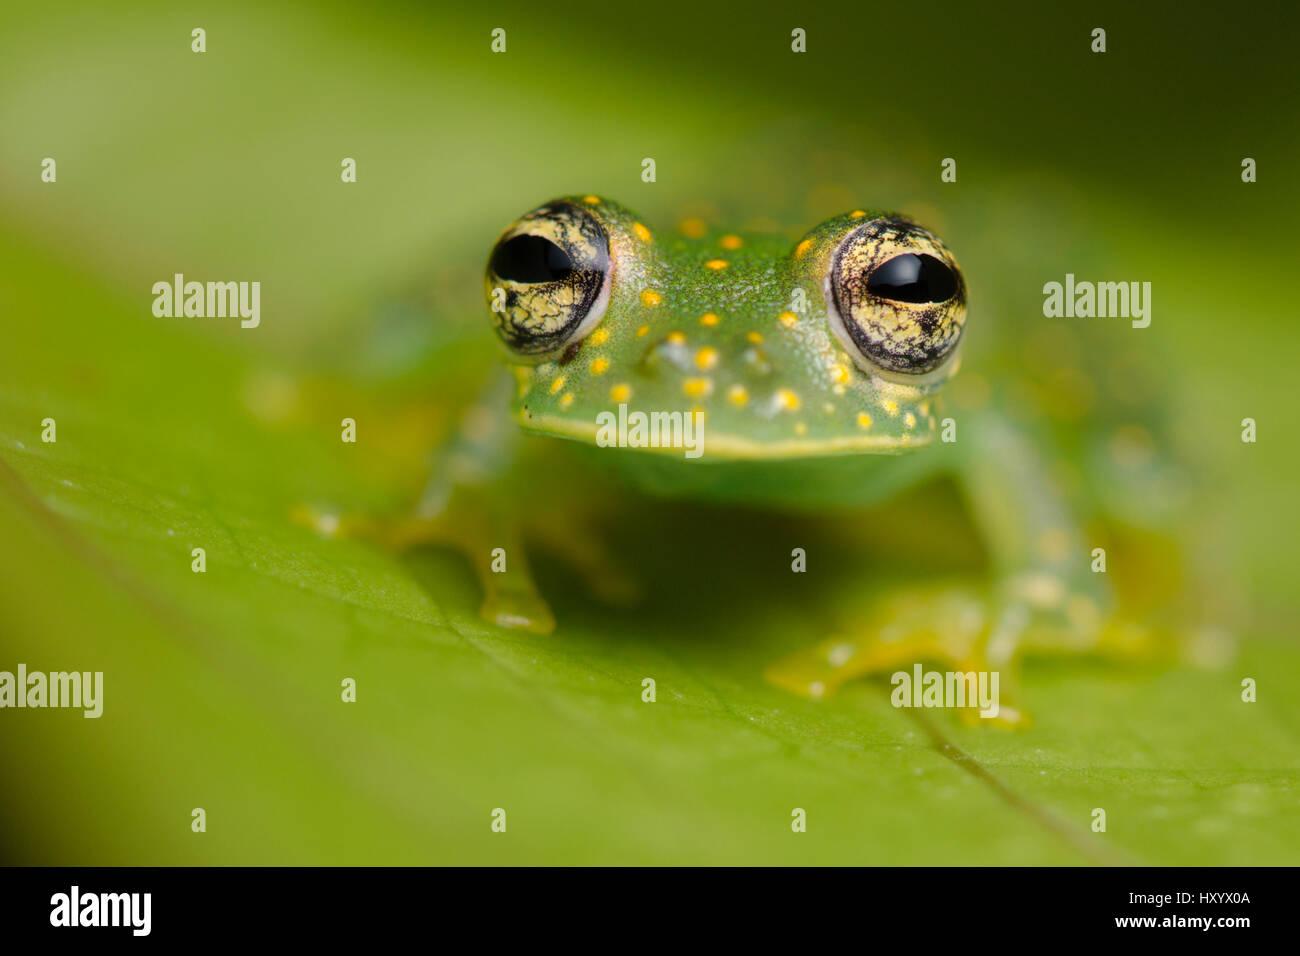 Yellow-flecked Glassfrog (Sachatamia albomaculata). Osa Peninsula, Costa Rica. Stock Photo